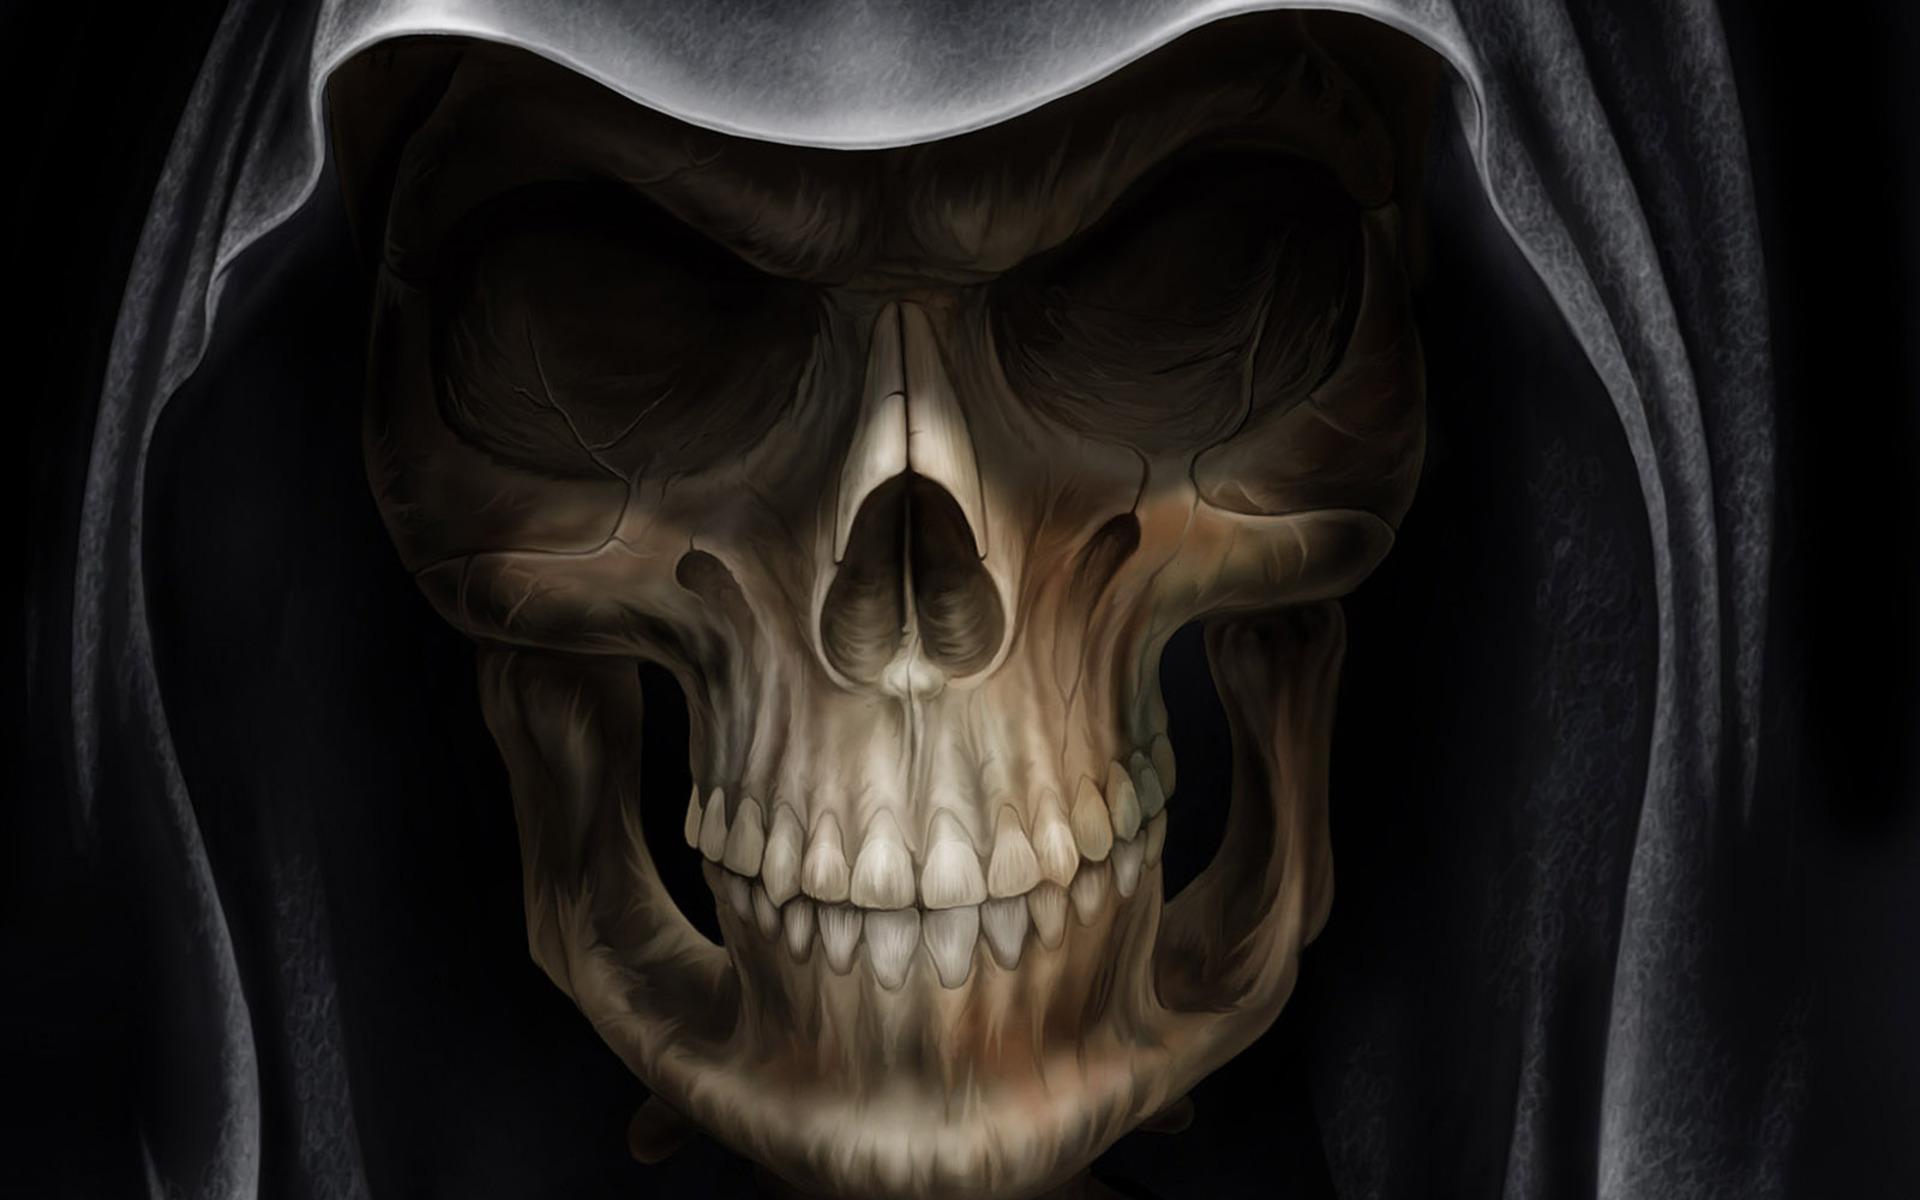 HDD near death?